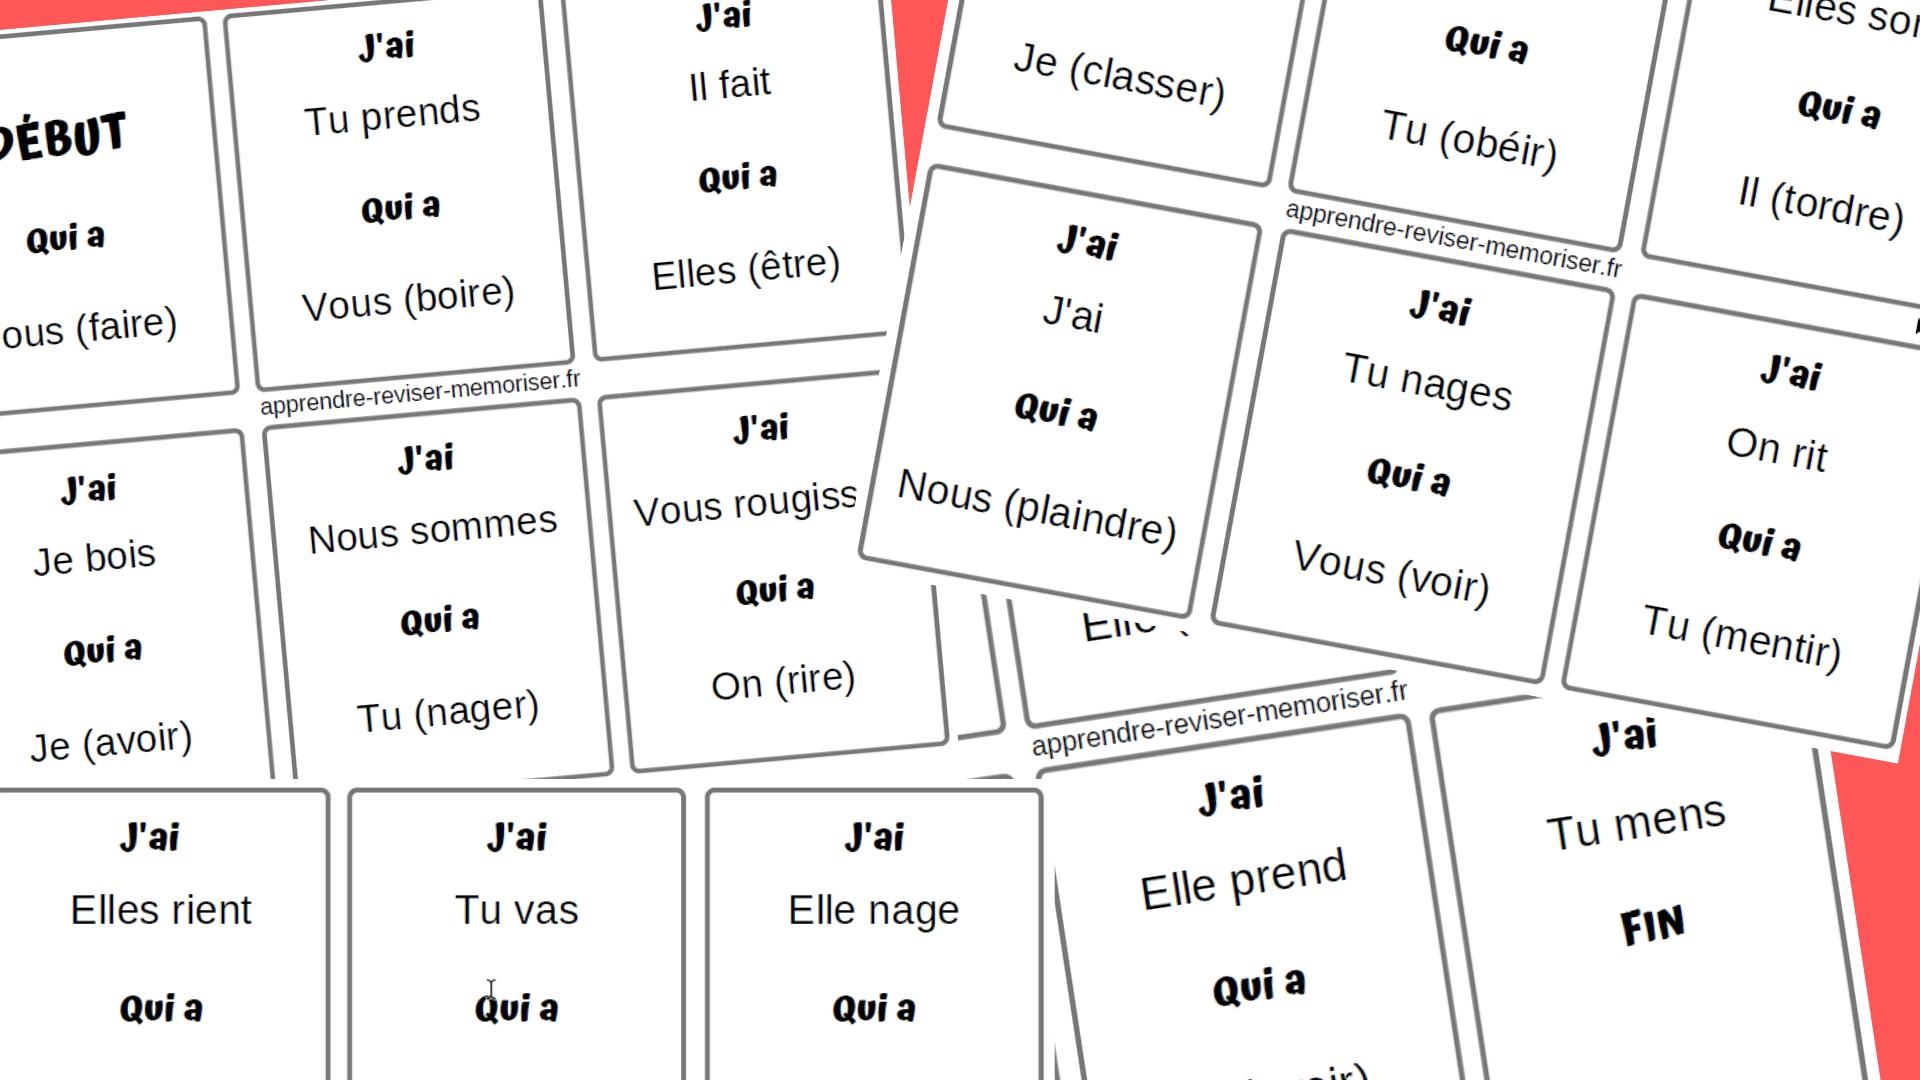 Un Jeu Pour Reviser La Conjugaison Des Verbes Au Present J Ai Qui A Apprendre Reviser Memoriser